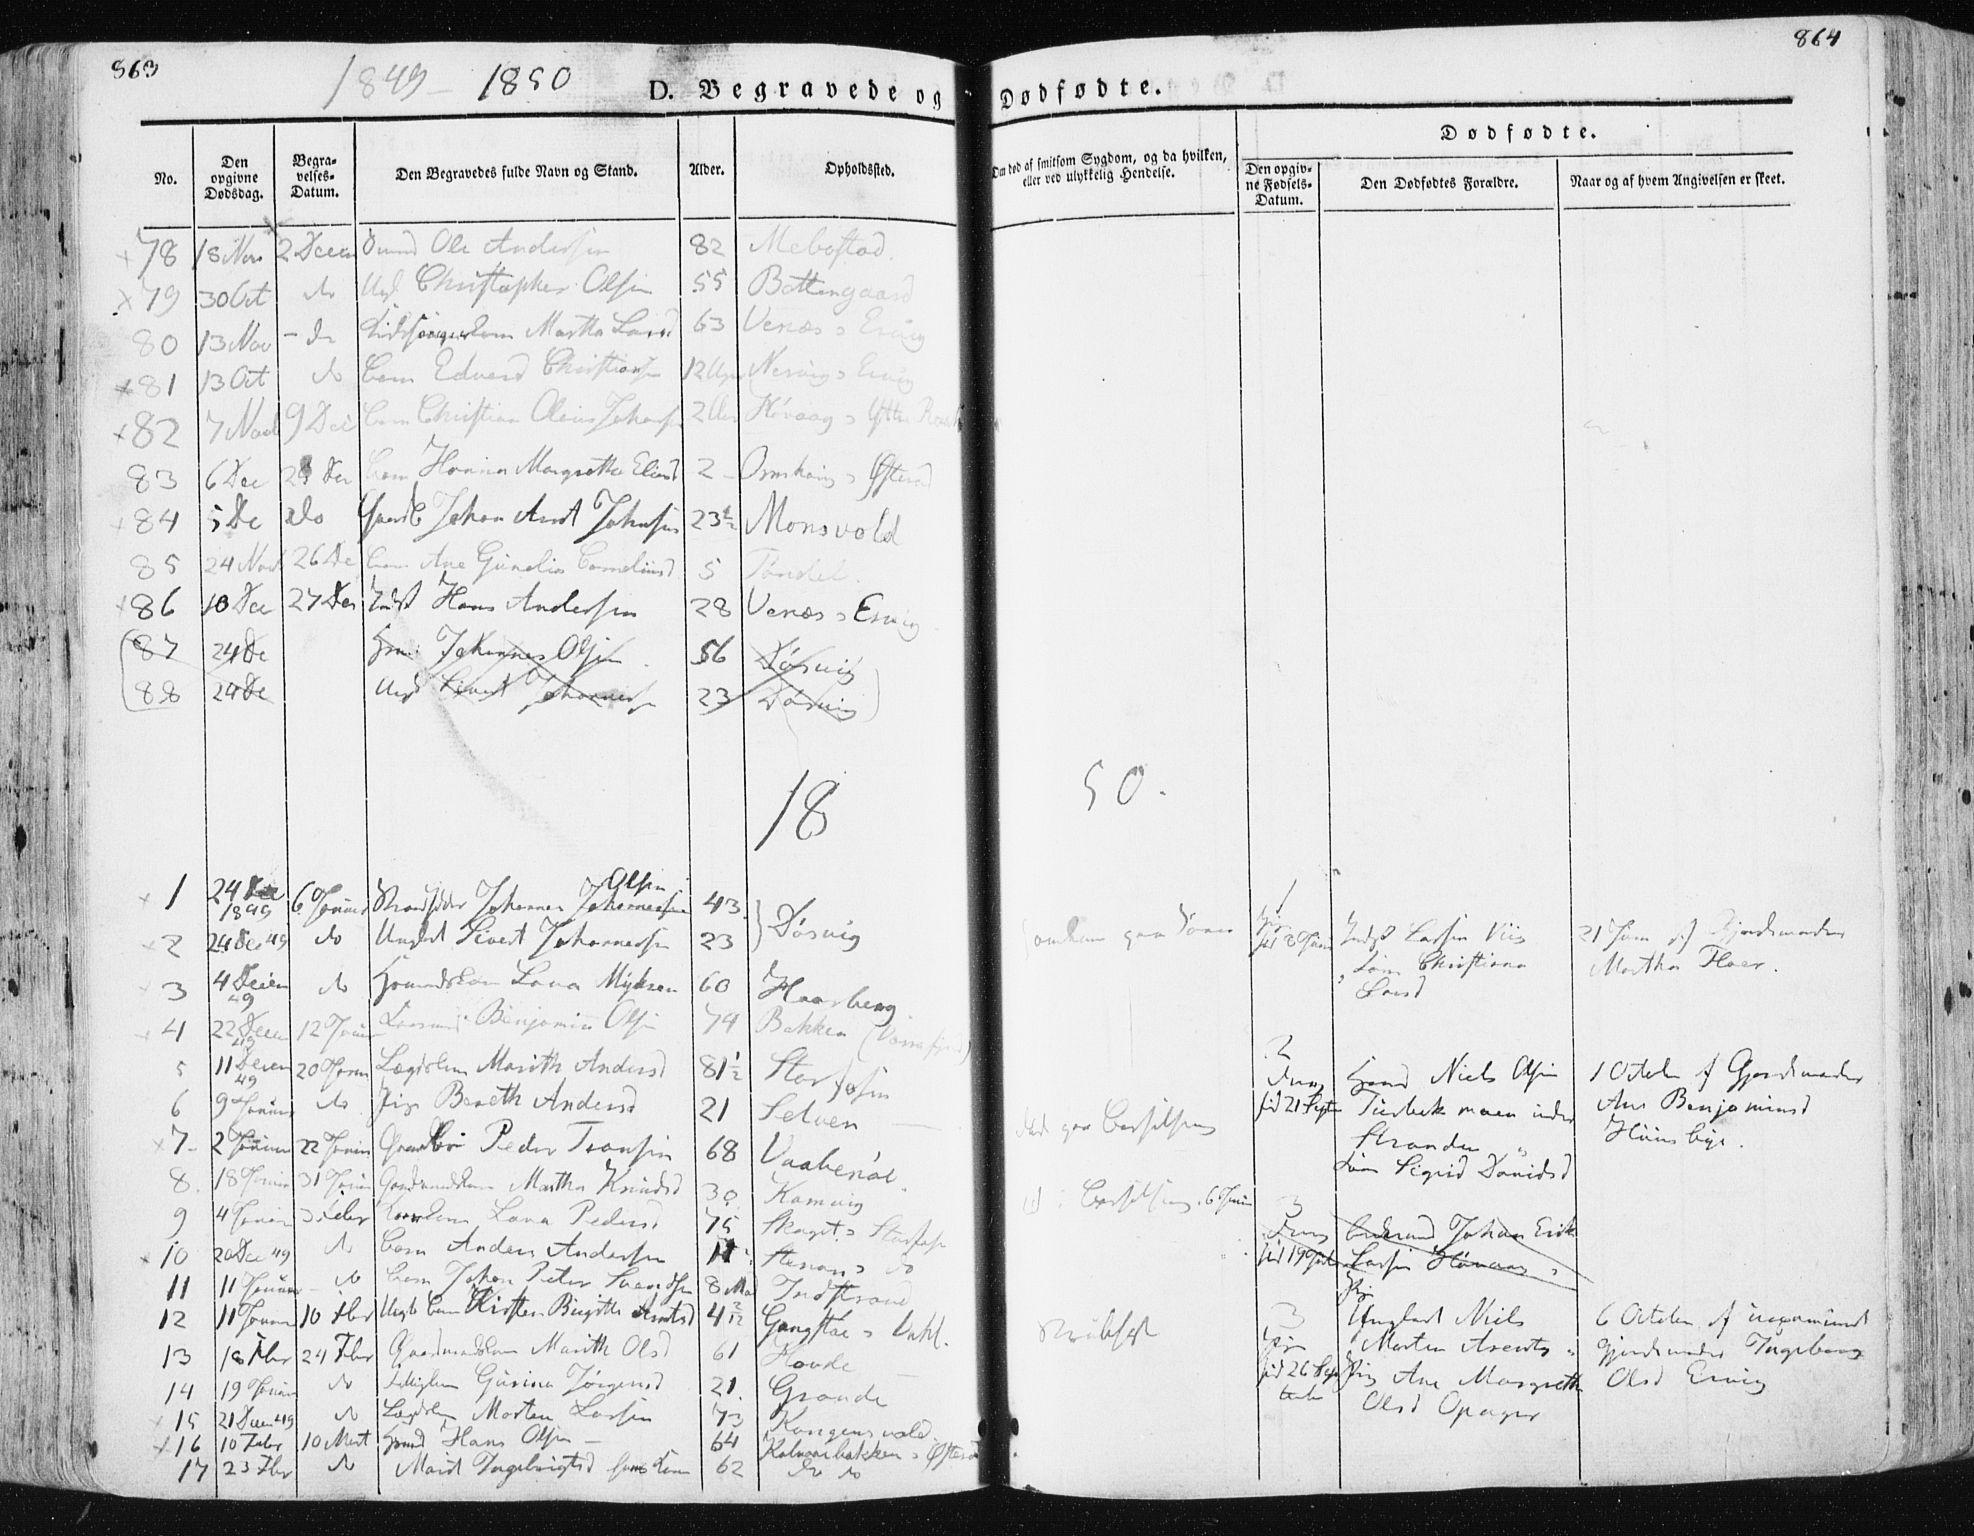 SAT, Ministerialprotokoller, klokkerbøker og fødselsregistre - Sør-Trøndelag, 659/L0736: Ministerialbok nr. 659A06, 1842-1856, s. 863-864